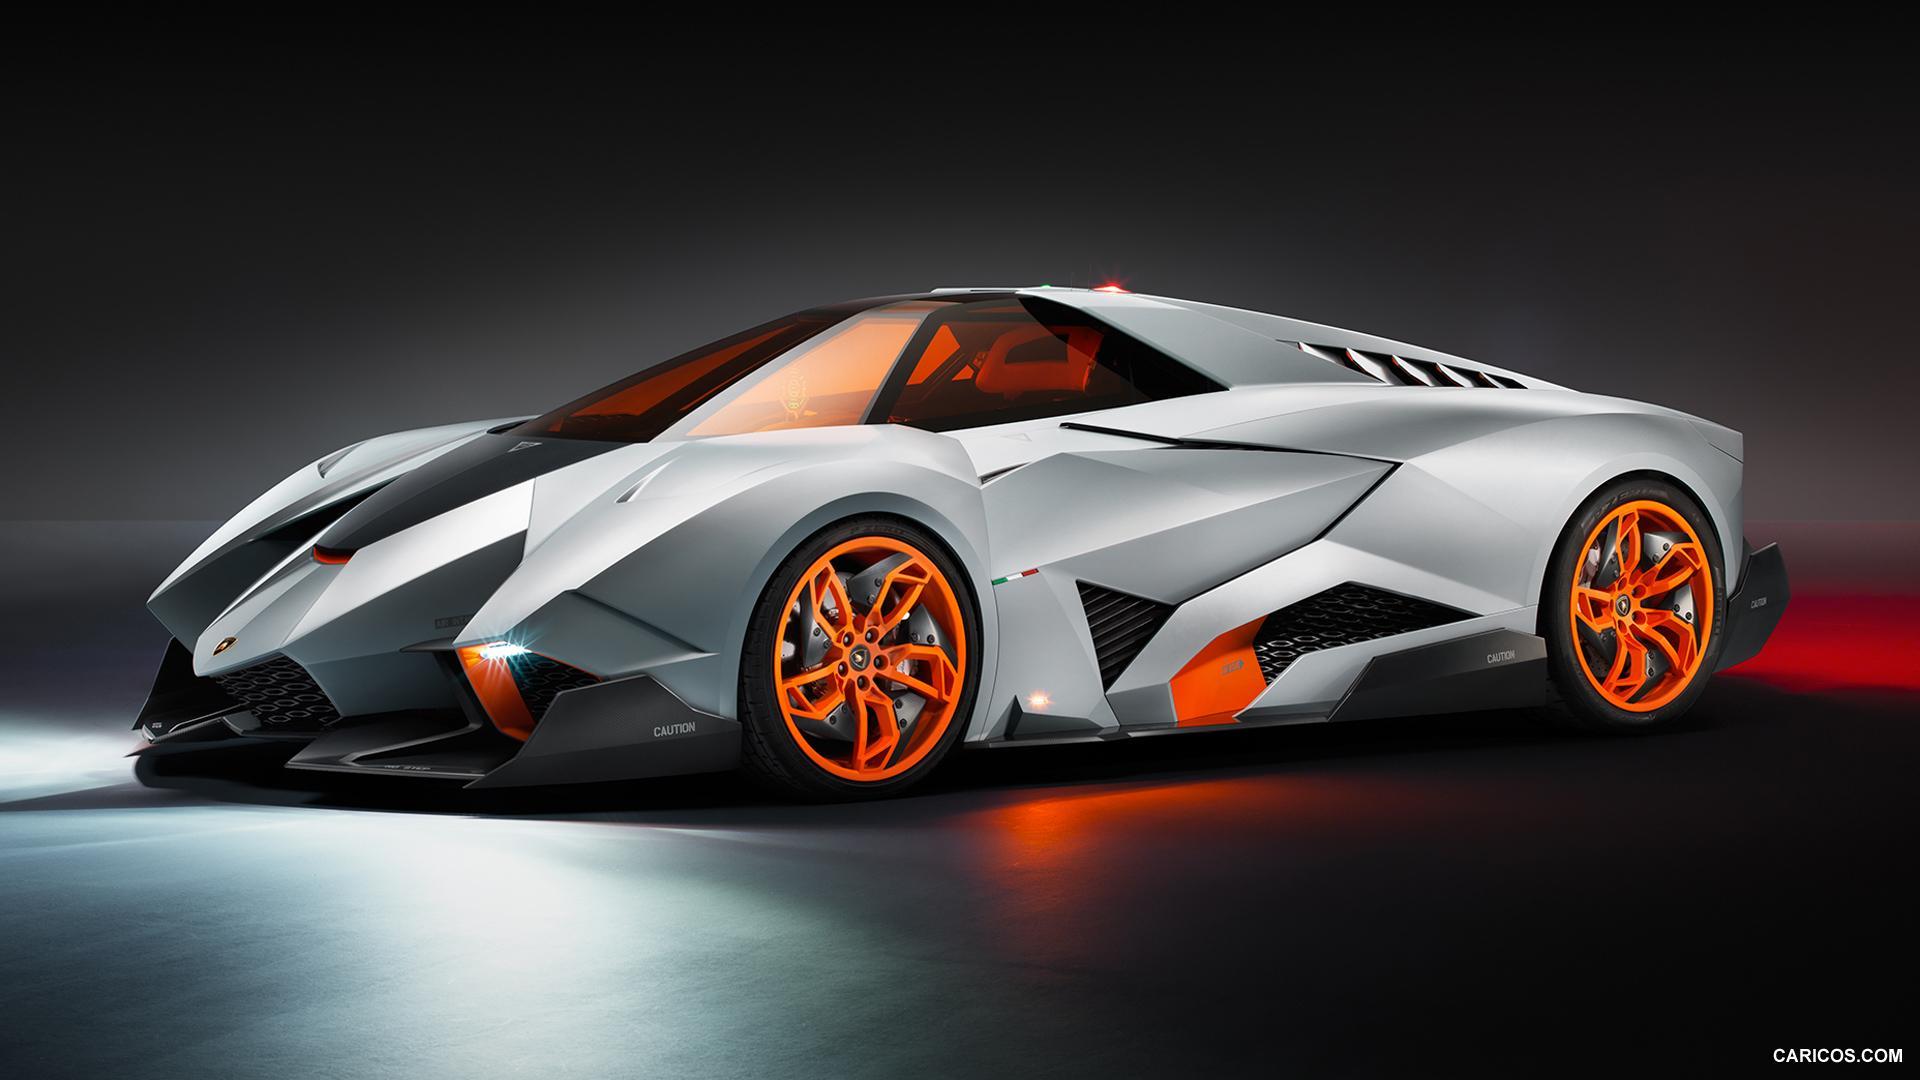 Lamborghini nin en yeni modelleri